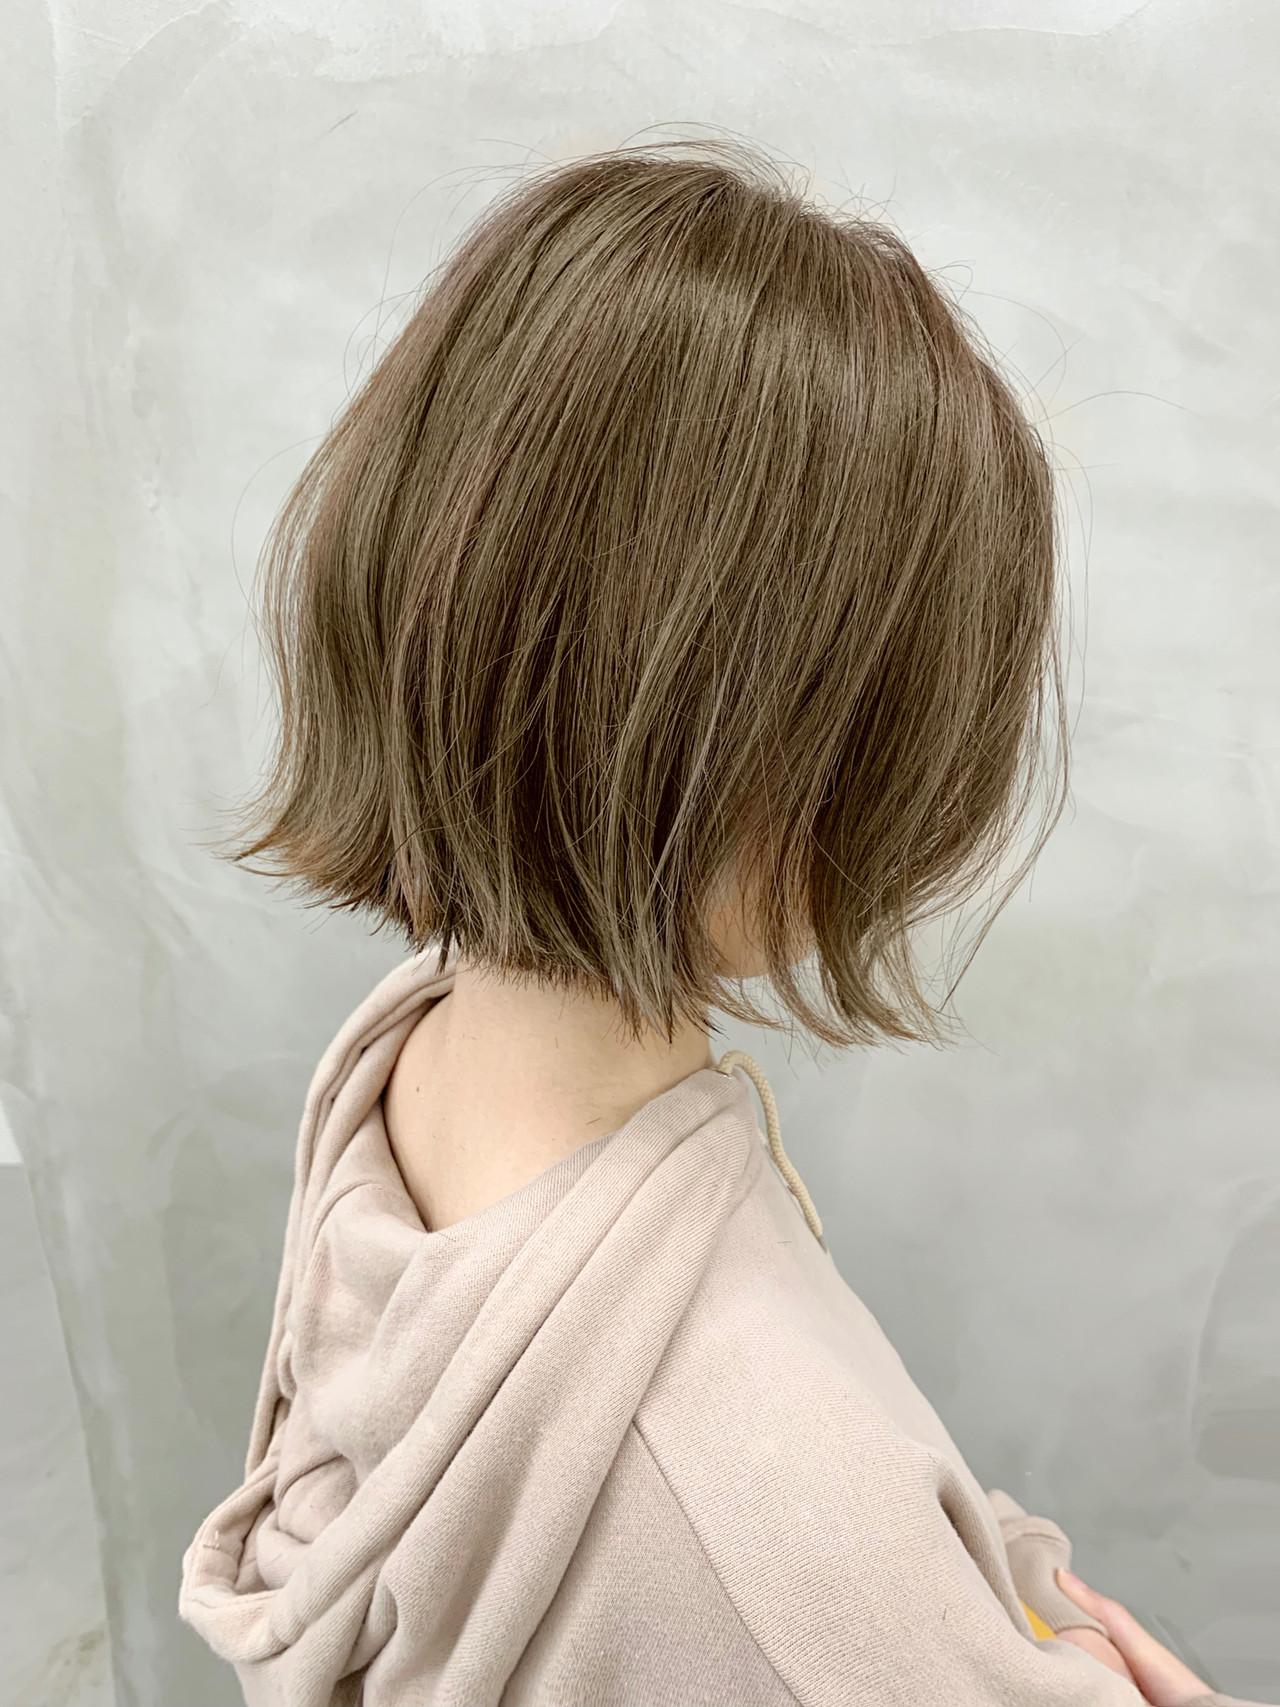 ベージュ 切りっぱなしボブ ナチュラル ミニボブヘアスタイルや髪型の写真・画像